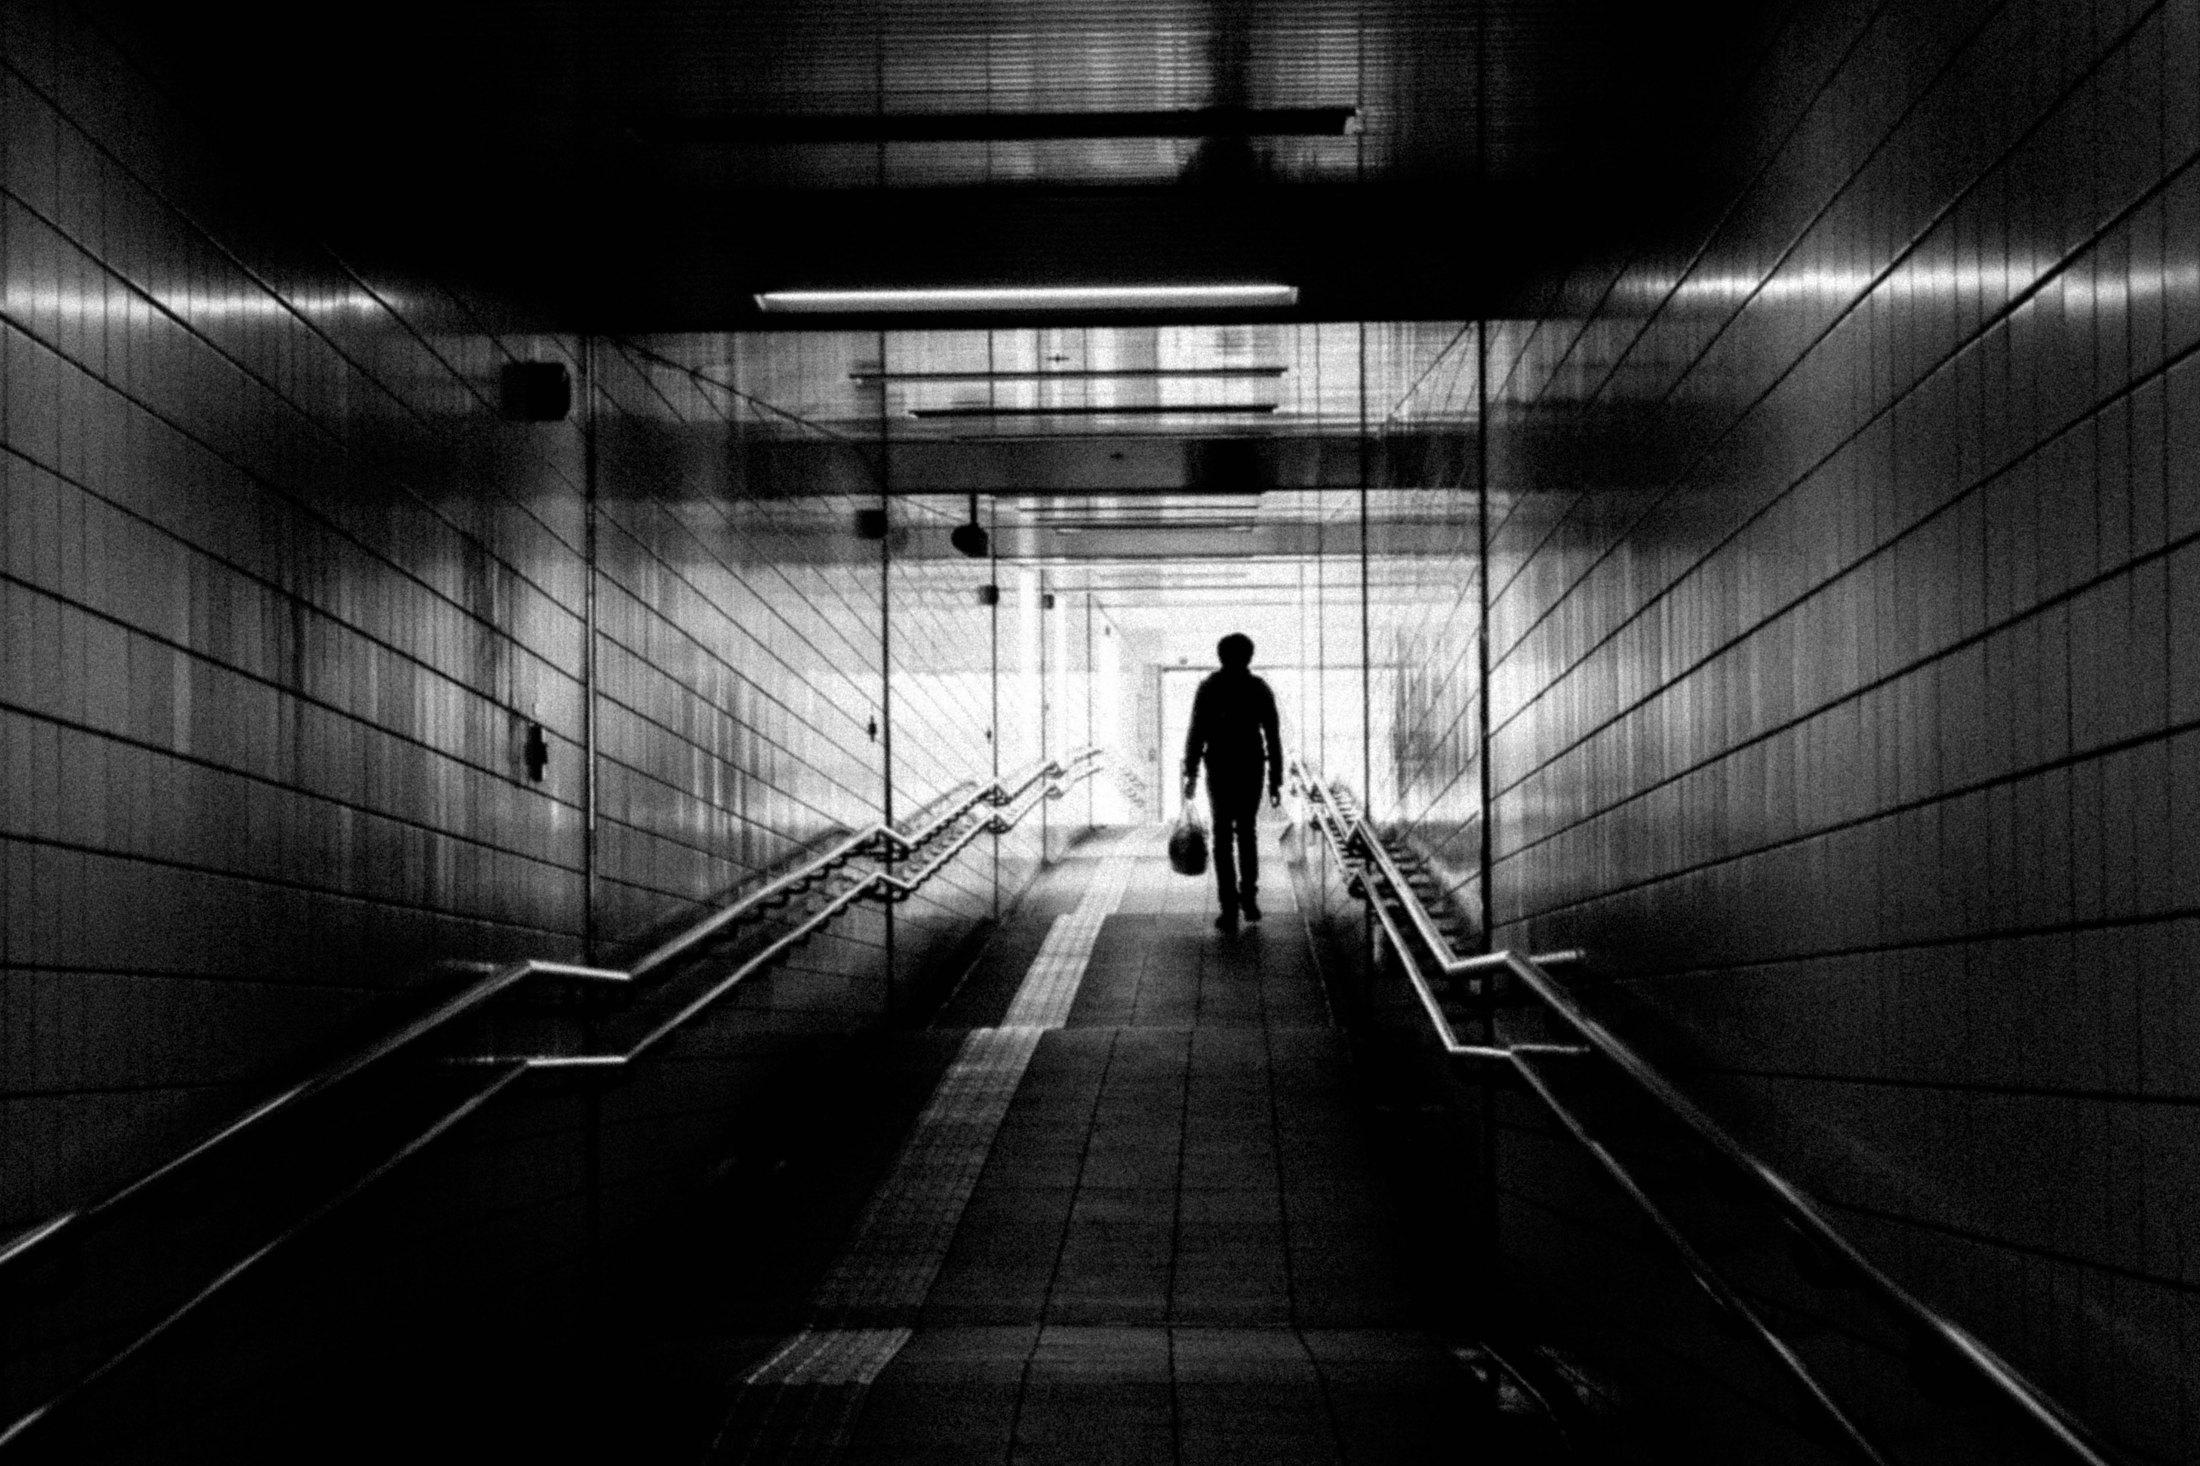 Street photowalk in Kashima Station